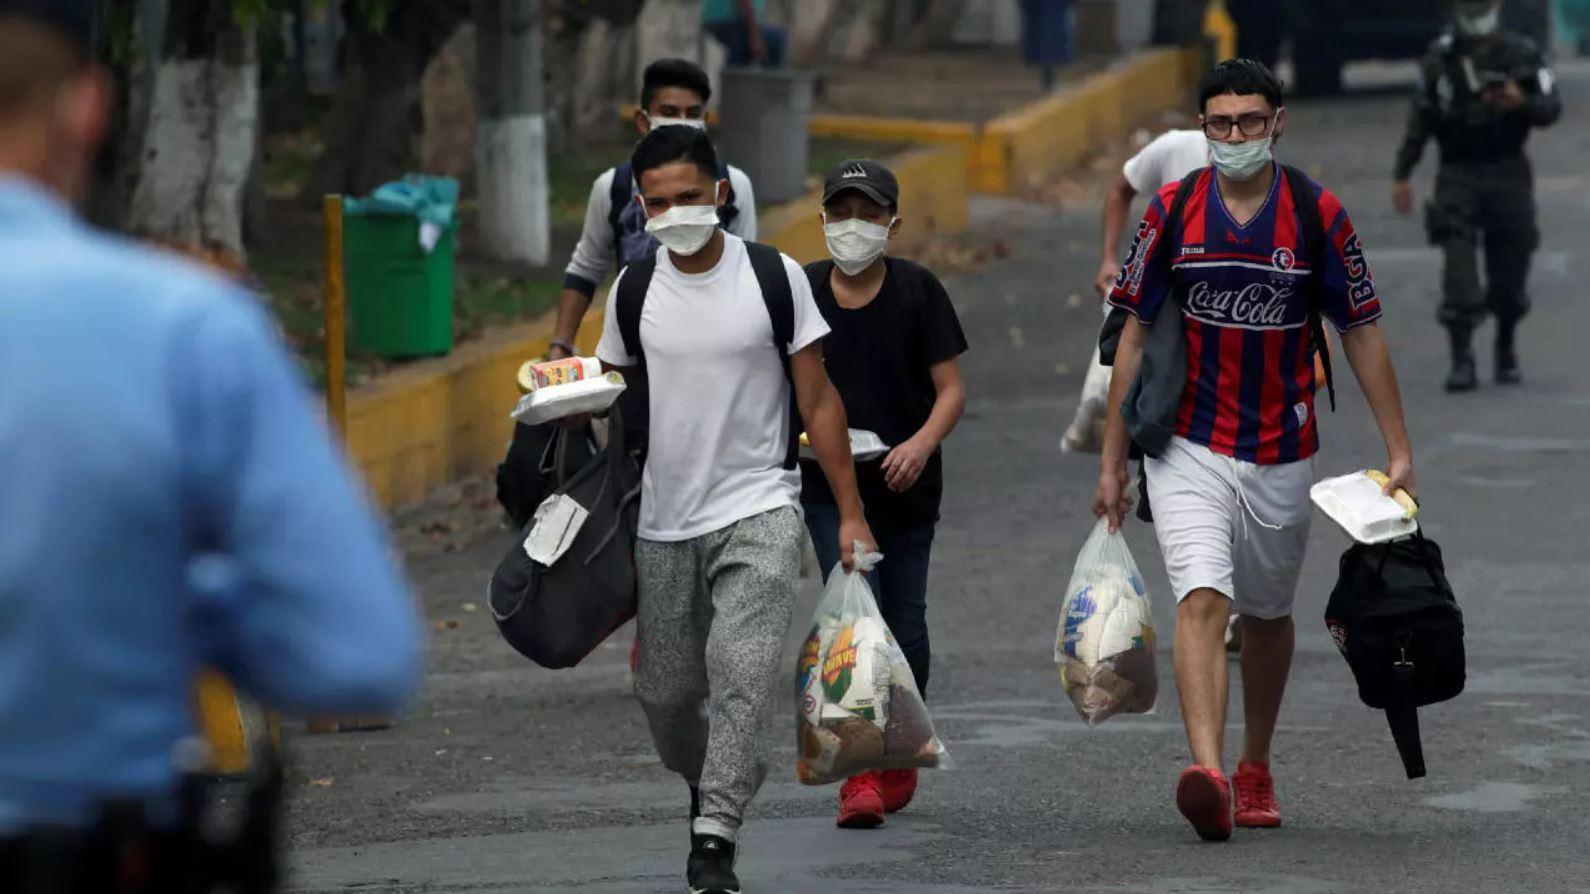 Aseguran que panorama de los migrantes venezolanos se ha vuelto más complicado durante la pandemia